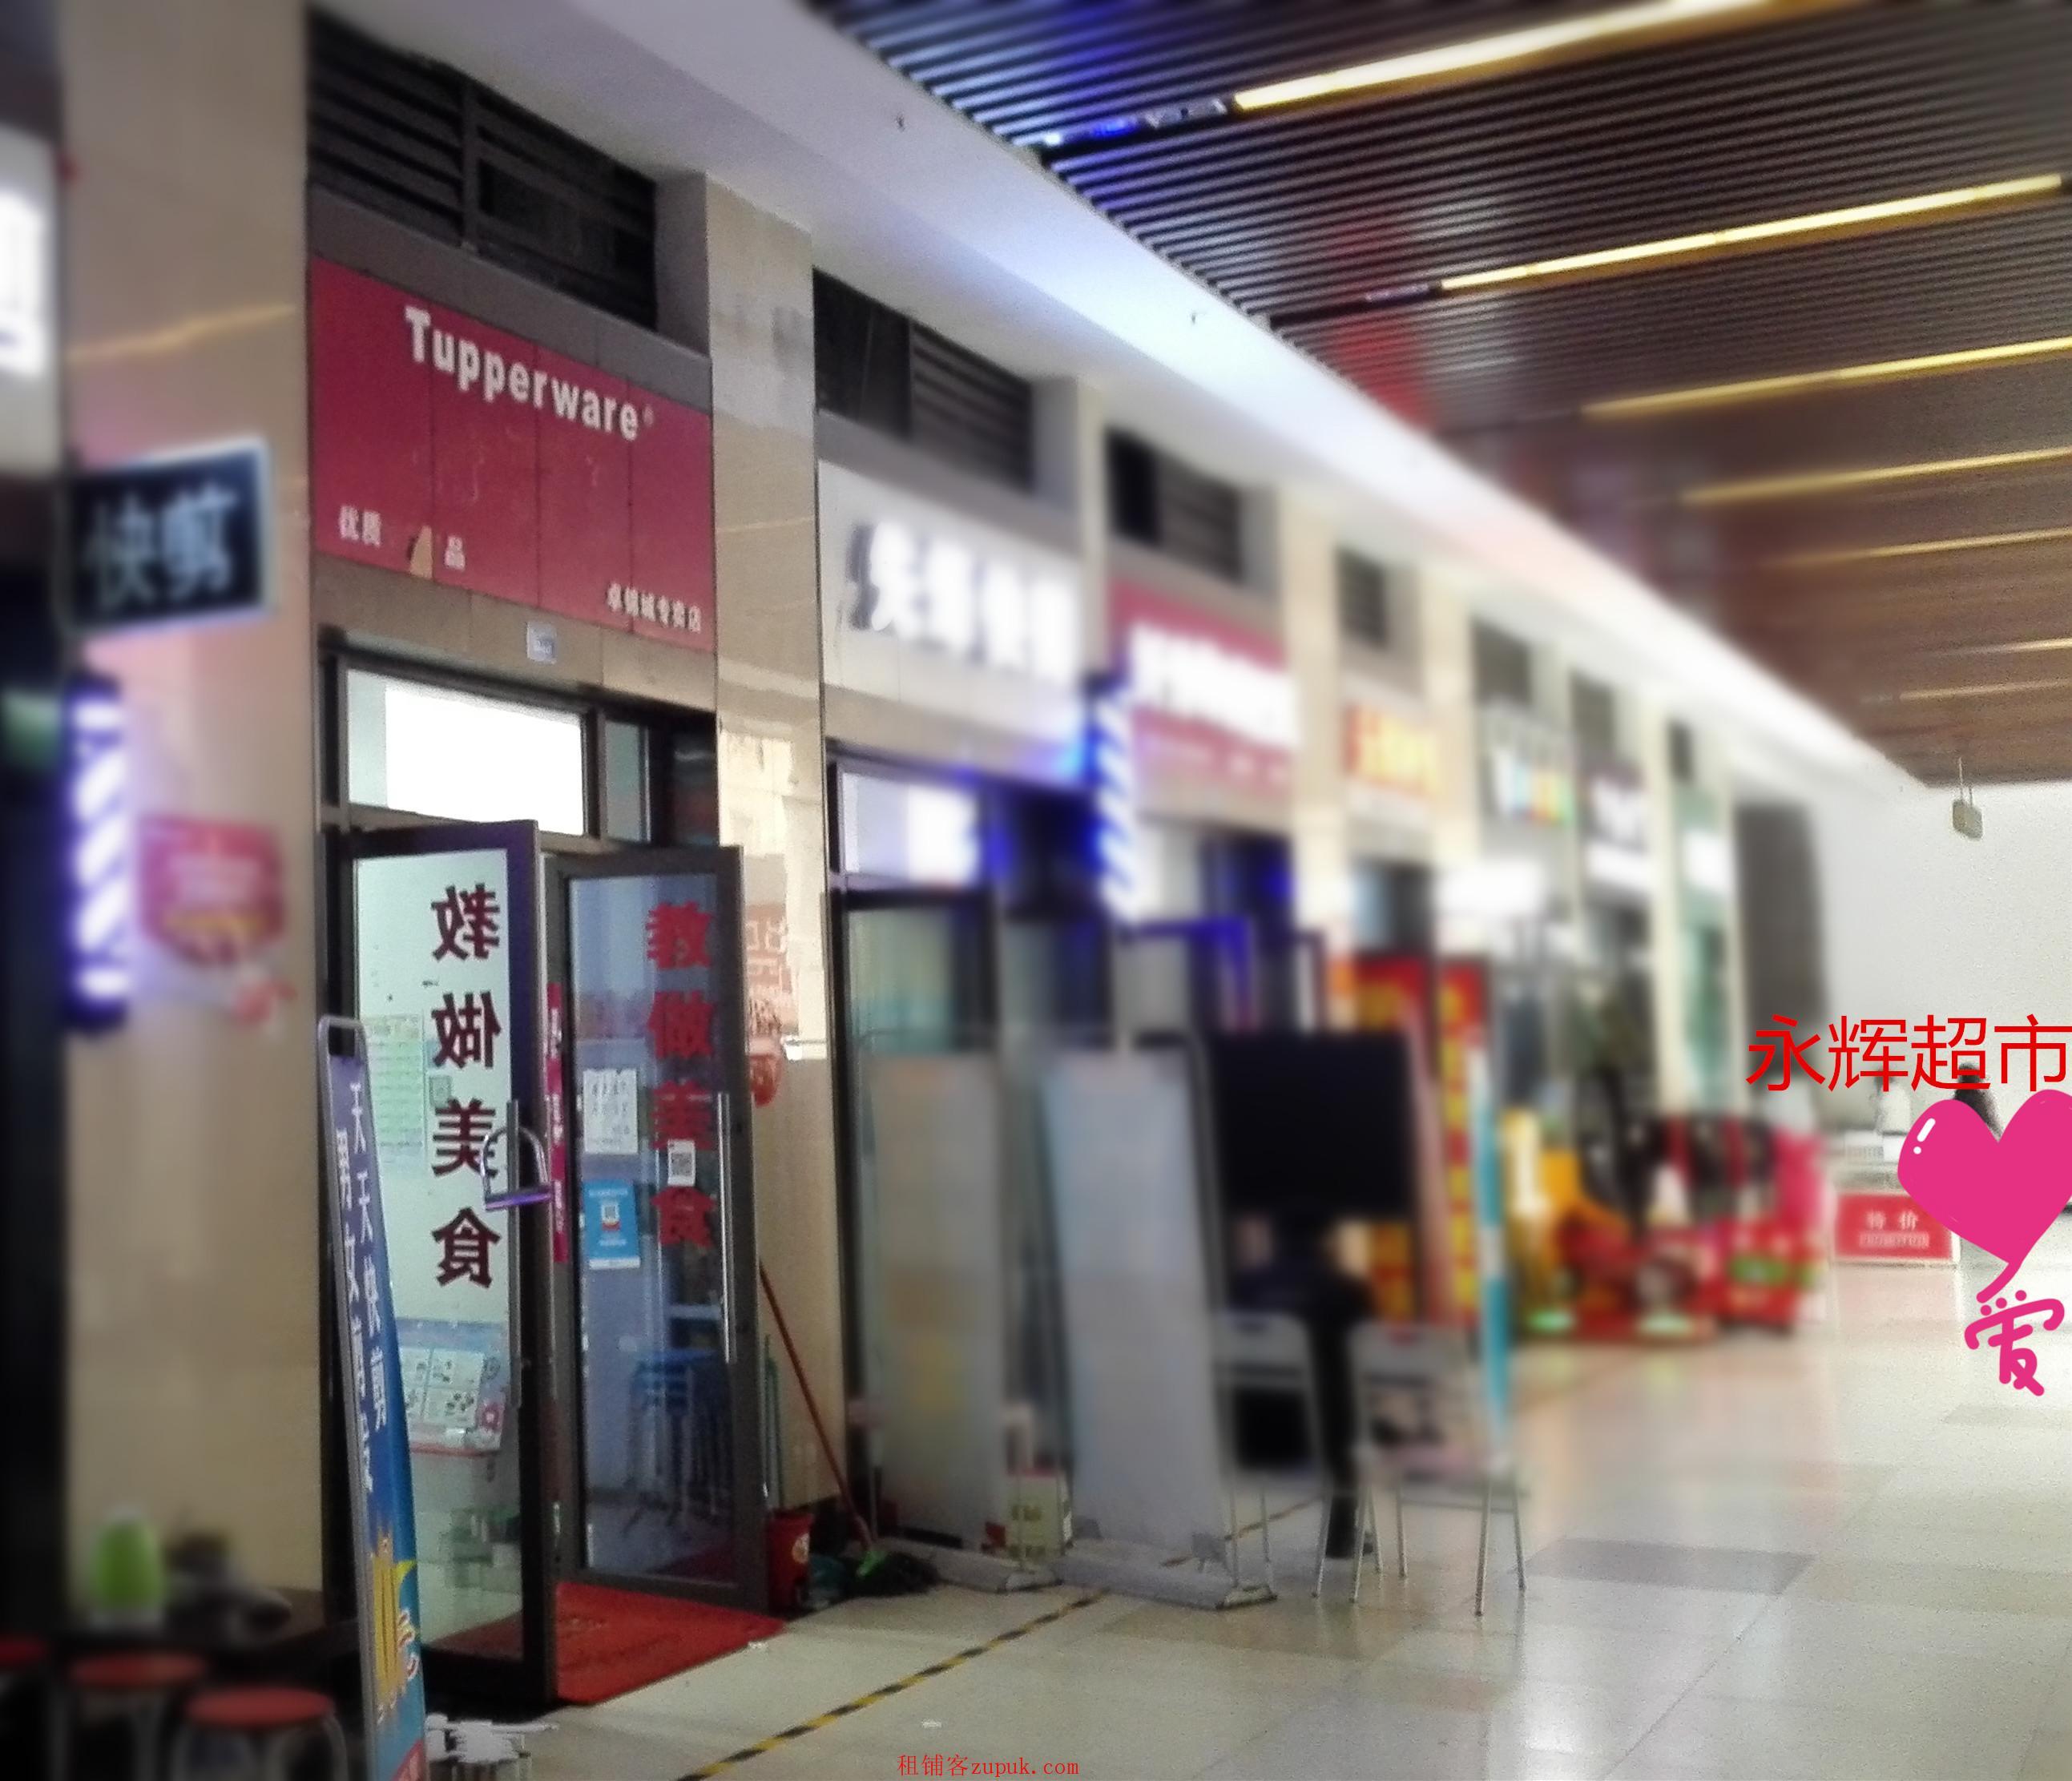 永辉超市出口右侧旺铺出租(内有阁楼,上面住人,下面开店)